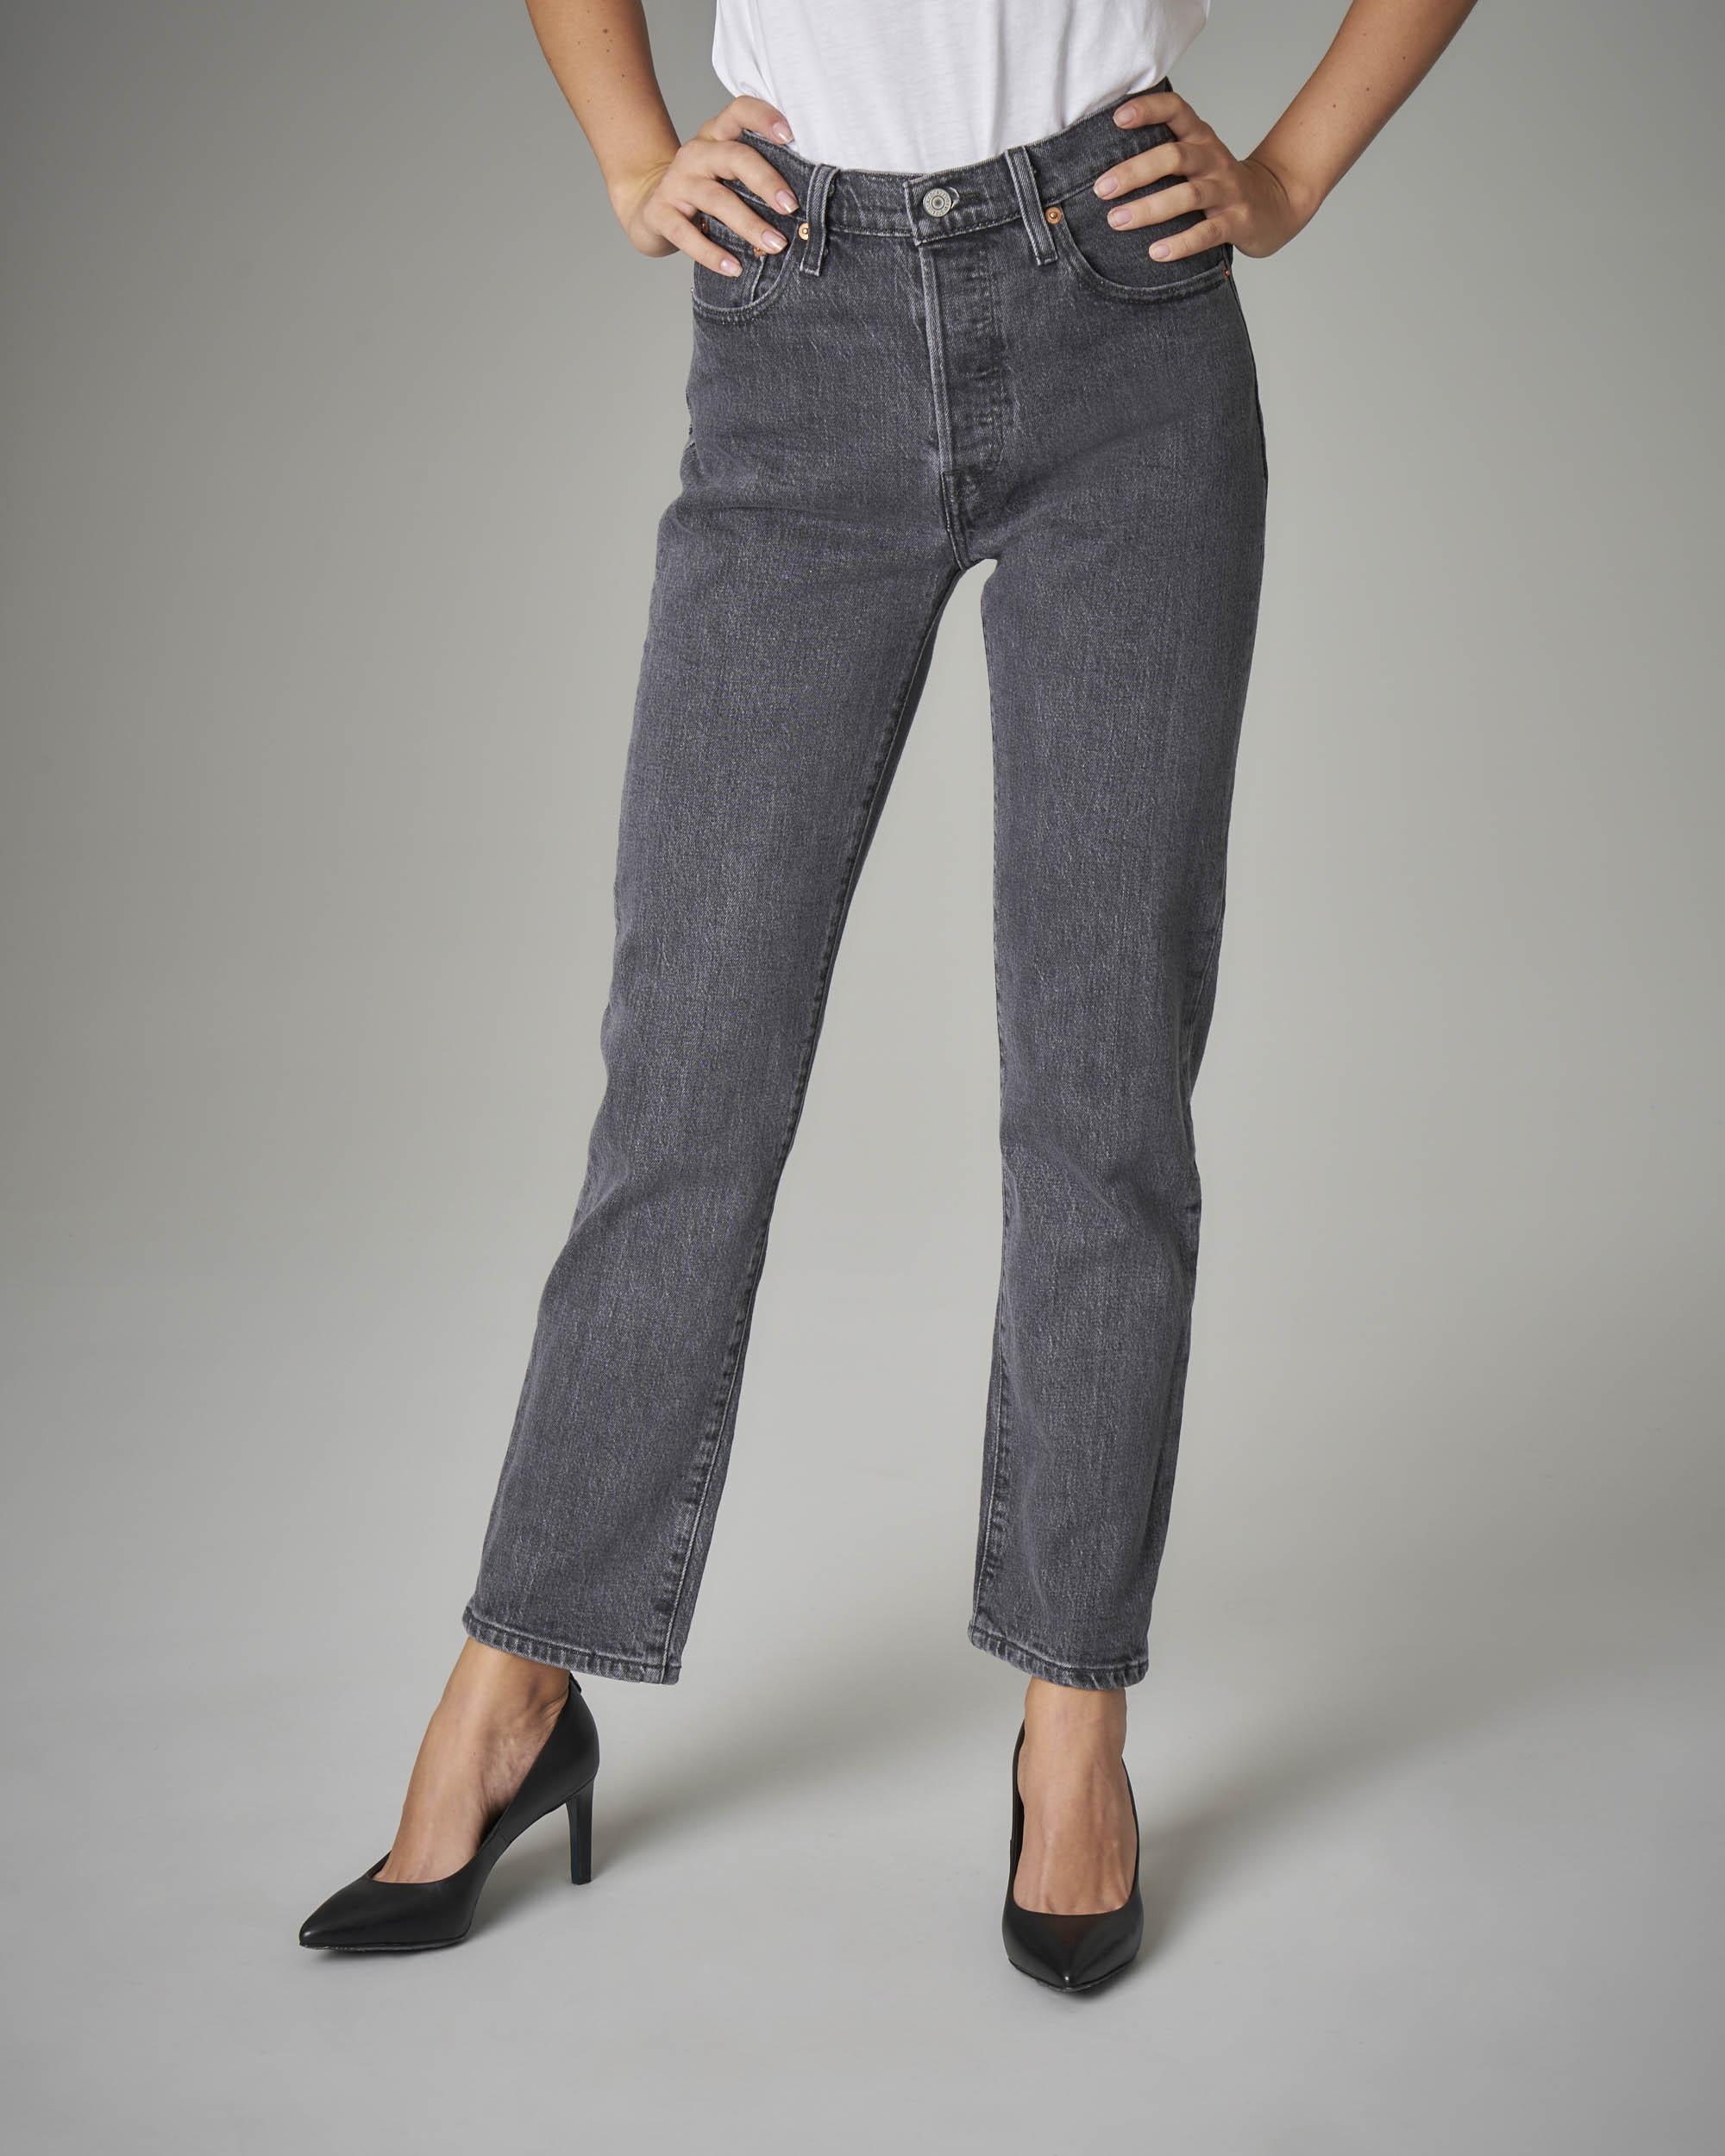 Jeans 501 crop nero a vita media.